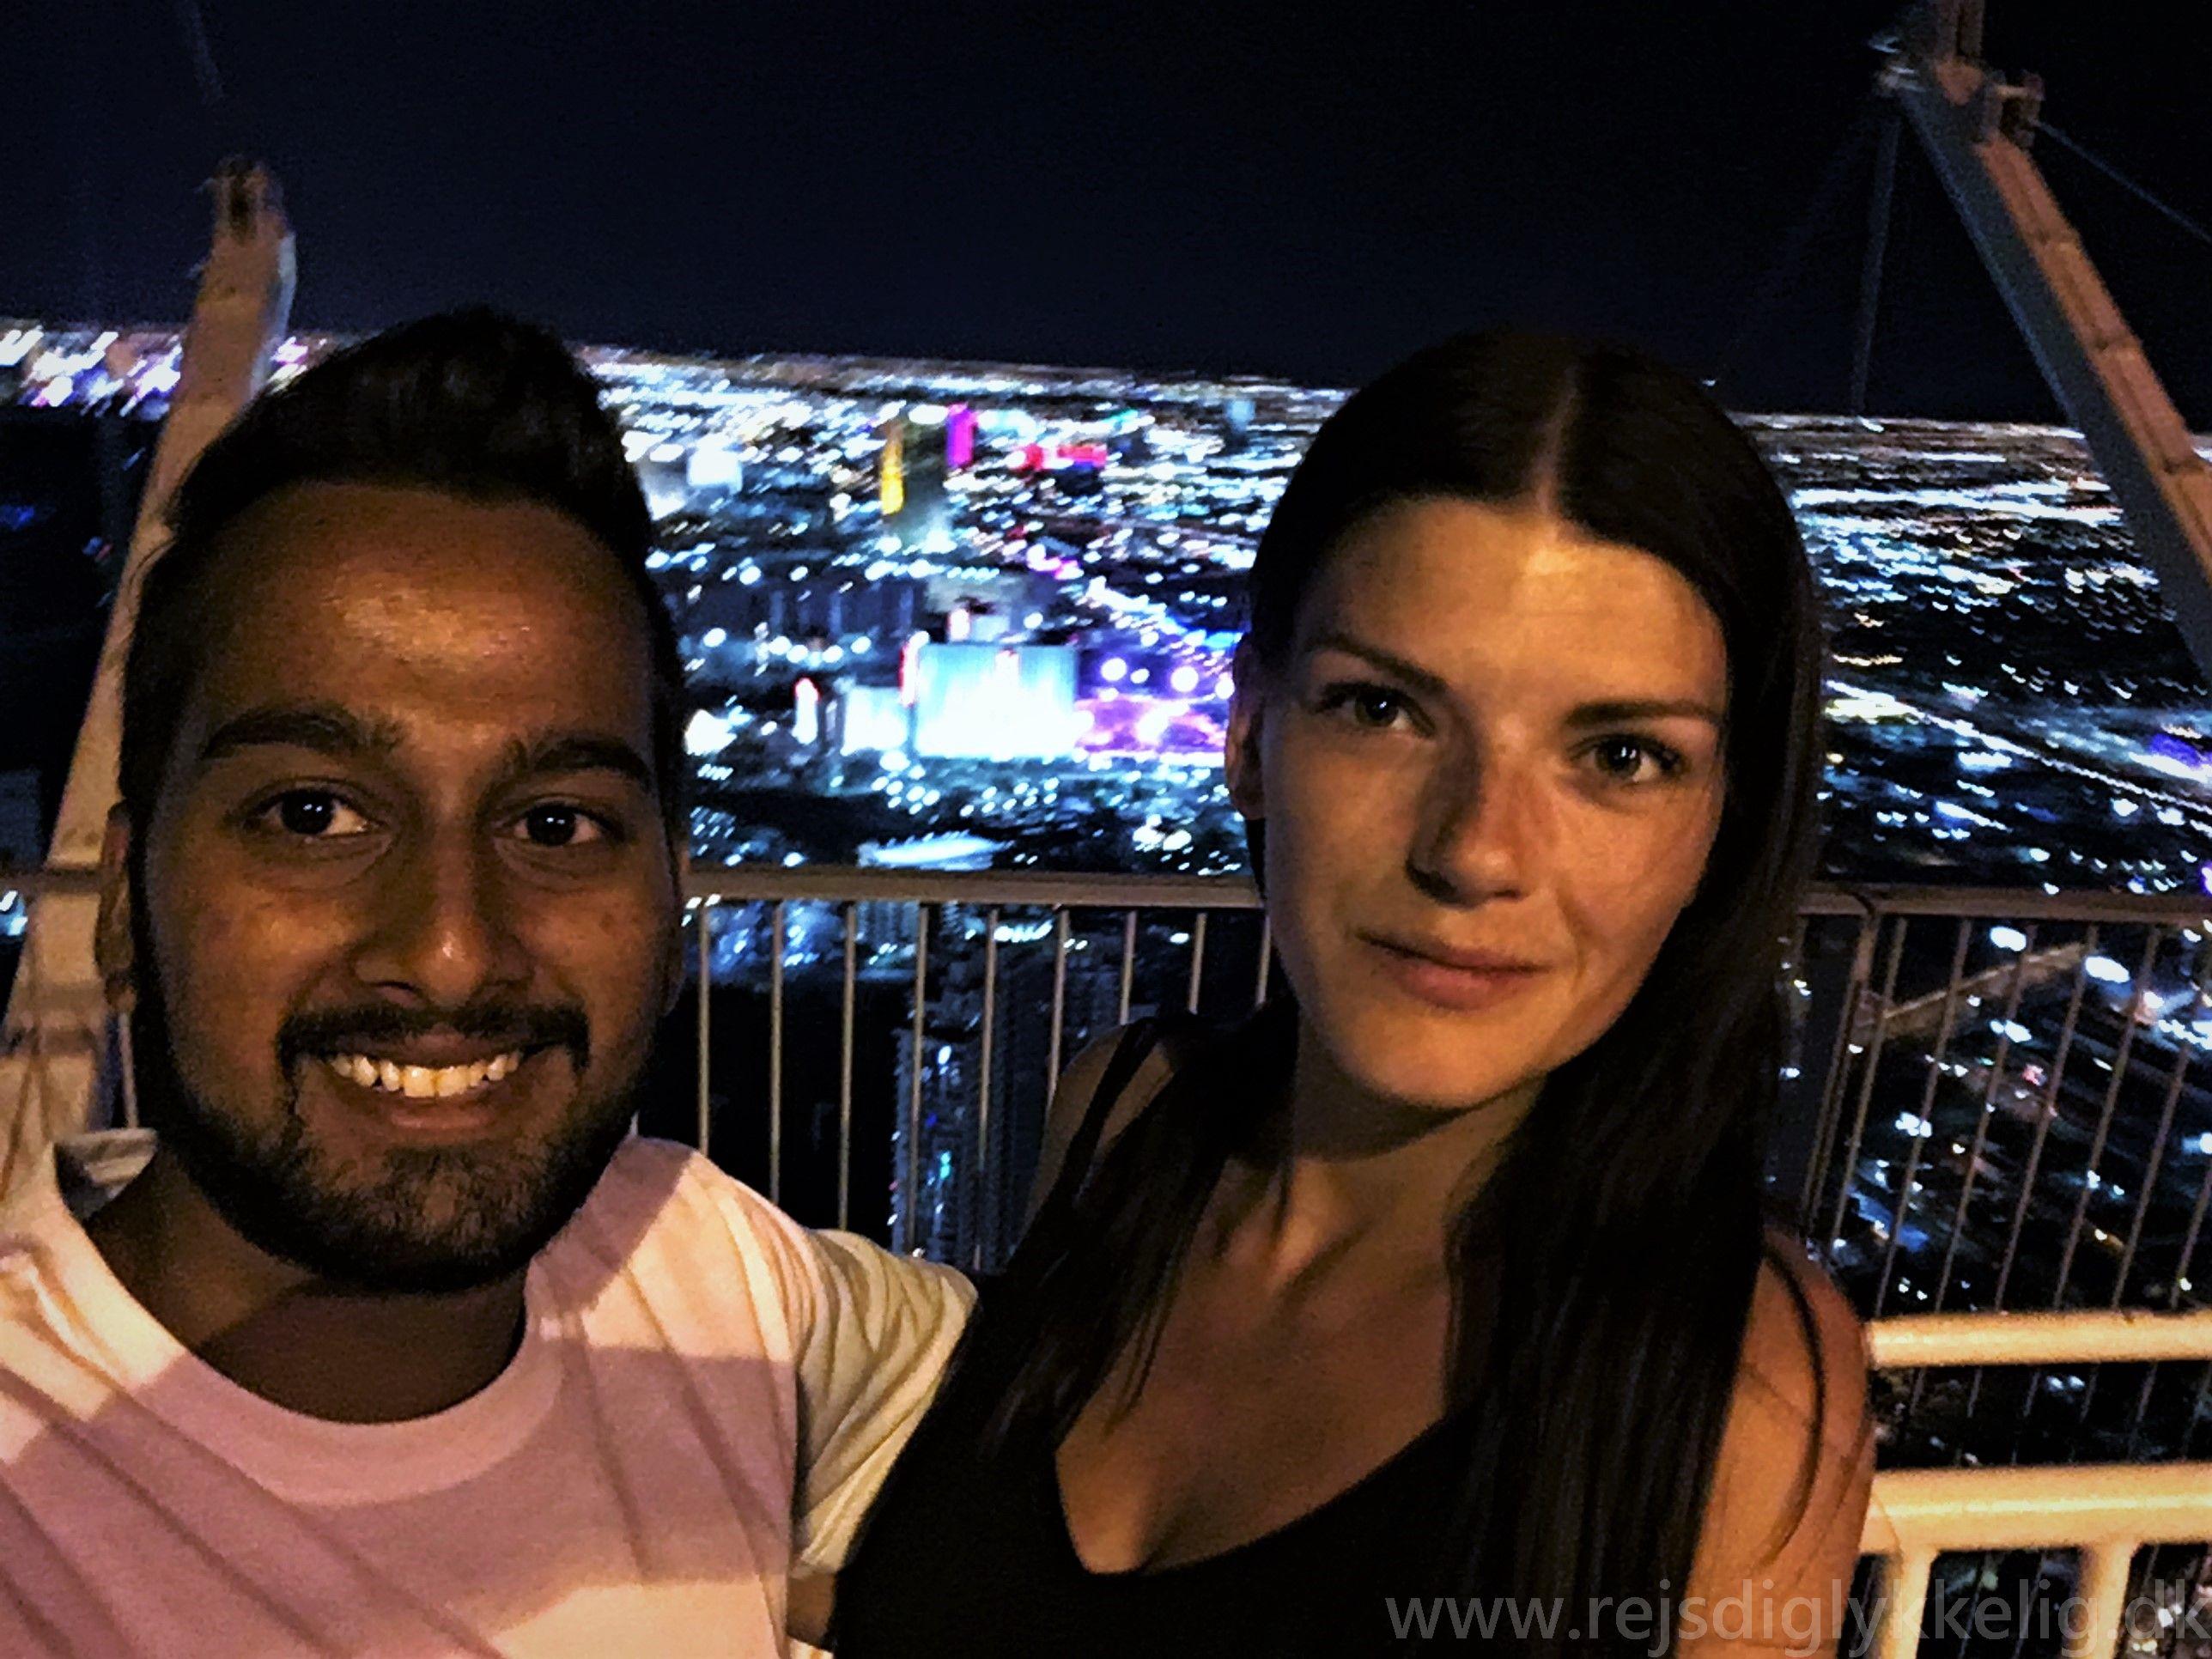 Tilbageblik på 2018 - Las Vegas - Rejsdiglykkelig.dk